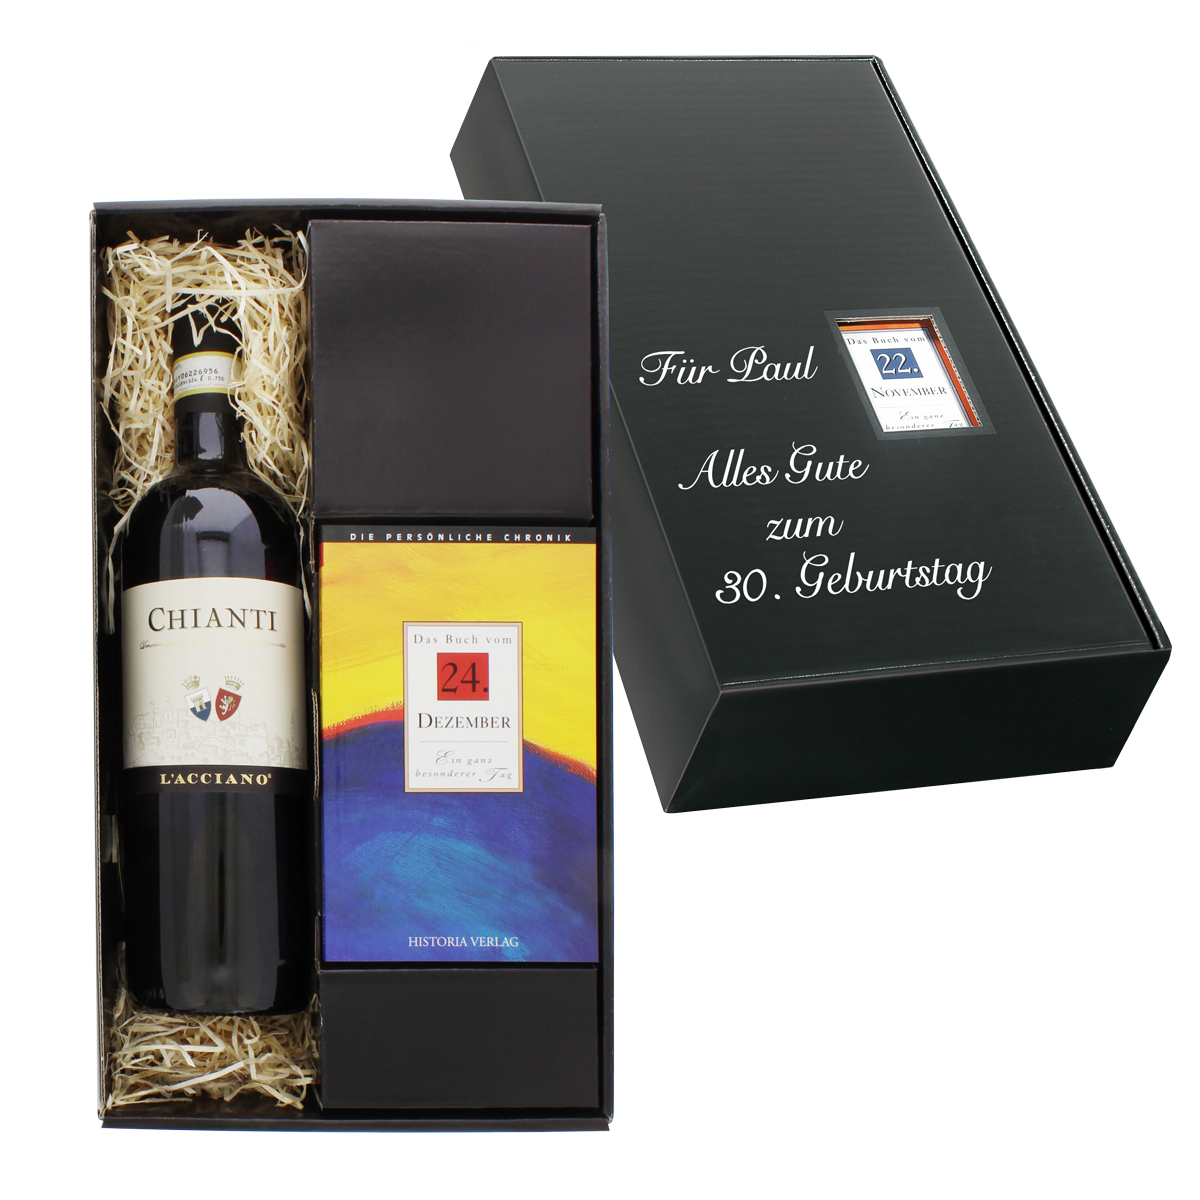 Italien-Set: Tageschronik vom 13. Juli & Chianti-Wein